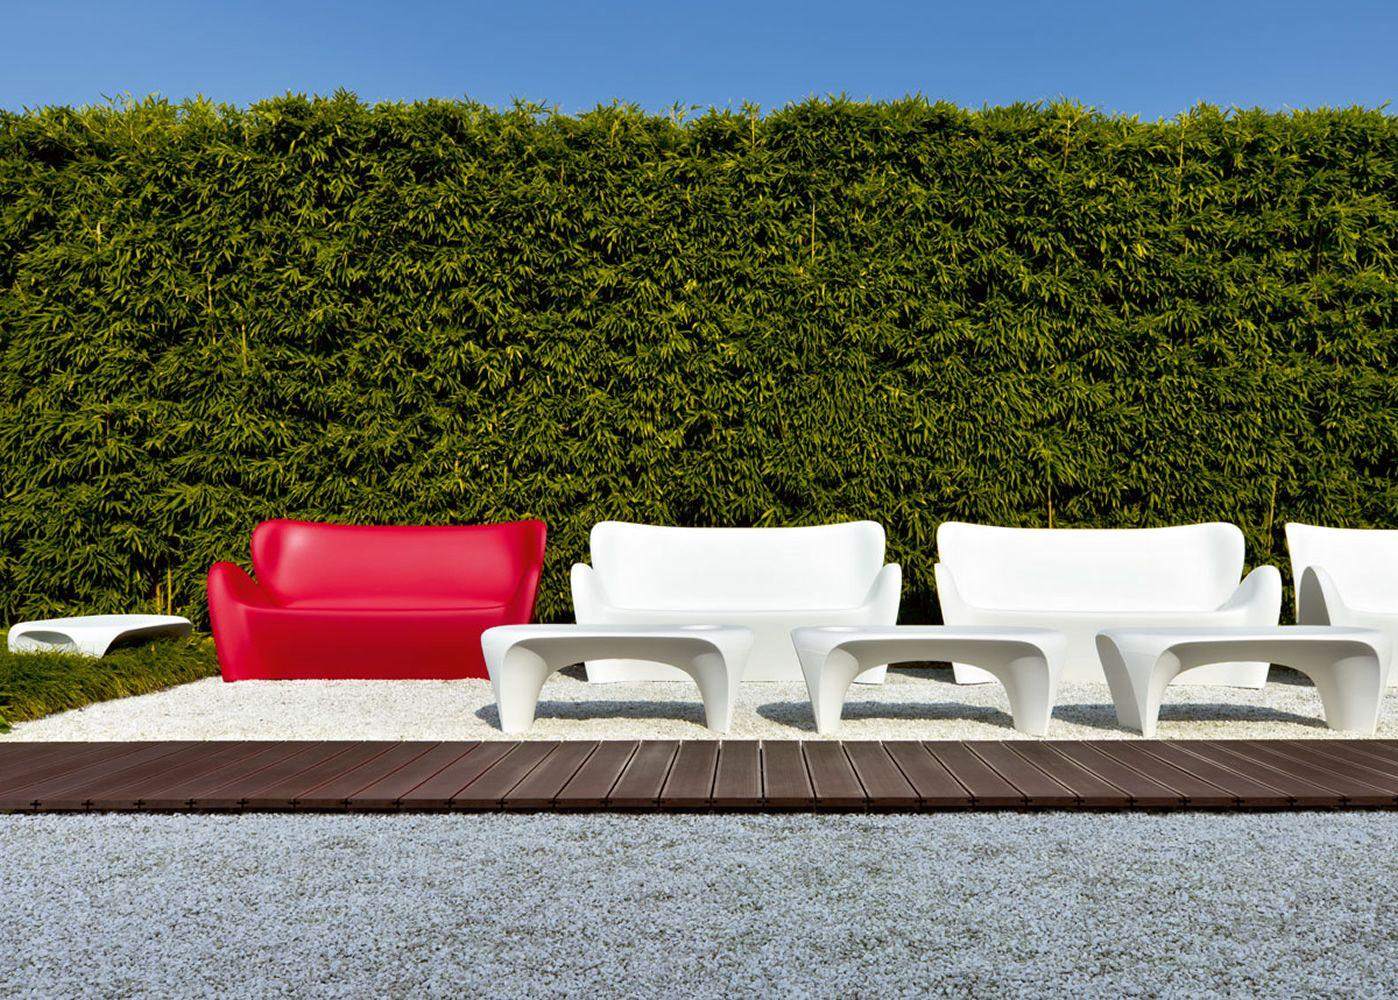 lily d canap design en technopolym re aussi pour l 39 ext rieur. Black Bedroom Furniture Sets. Home Design Ideas